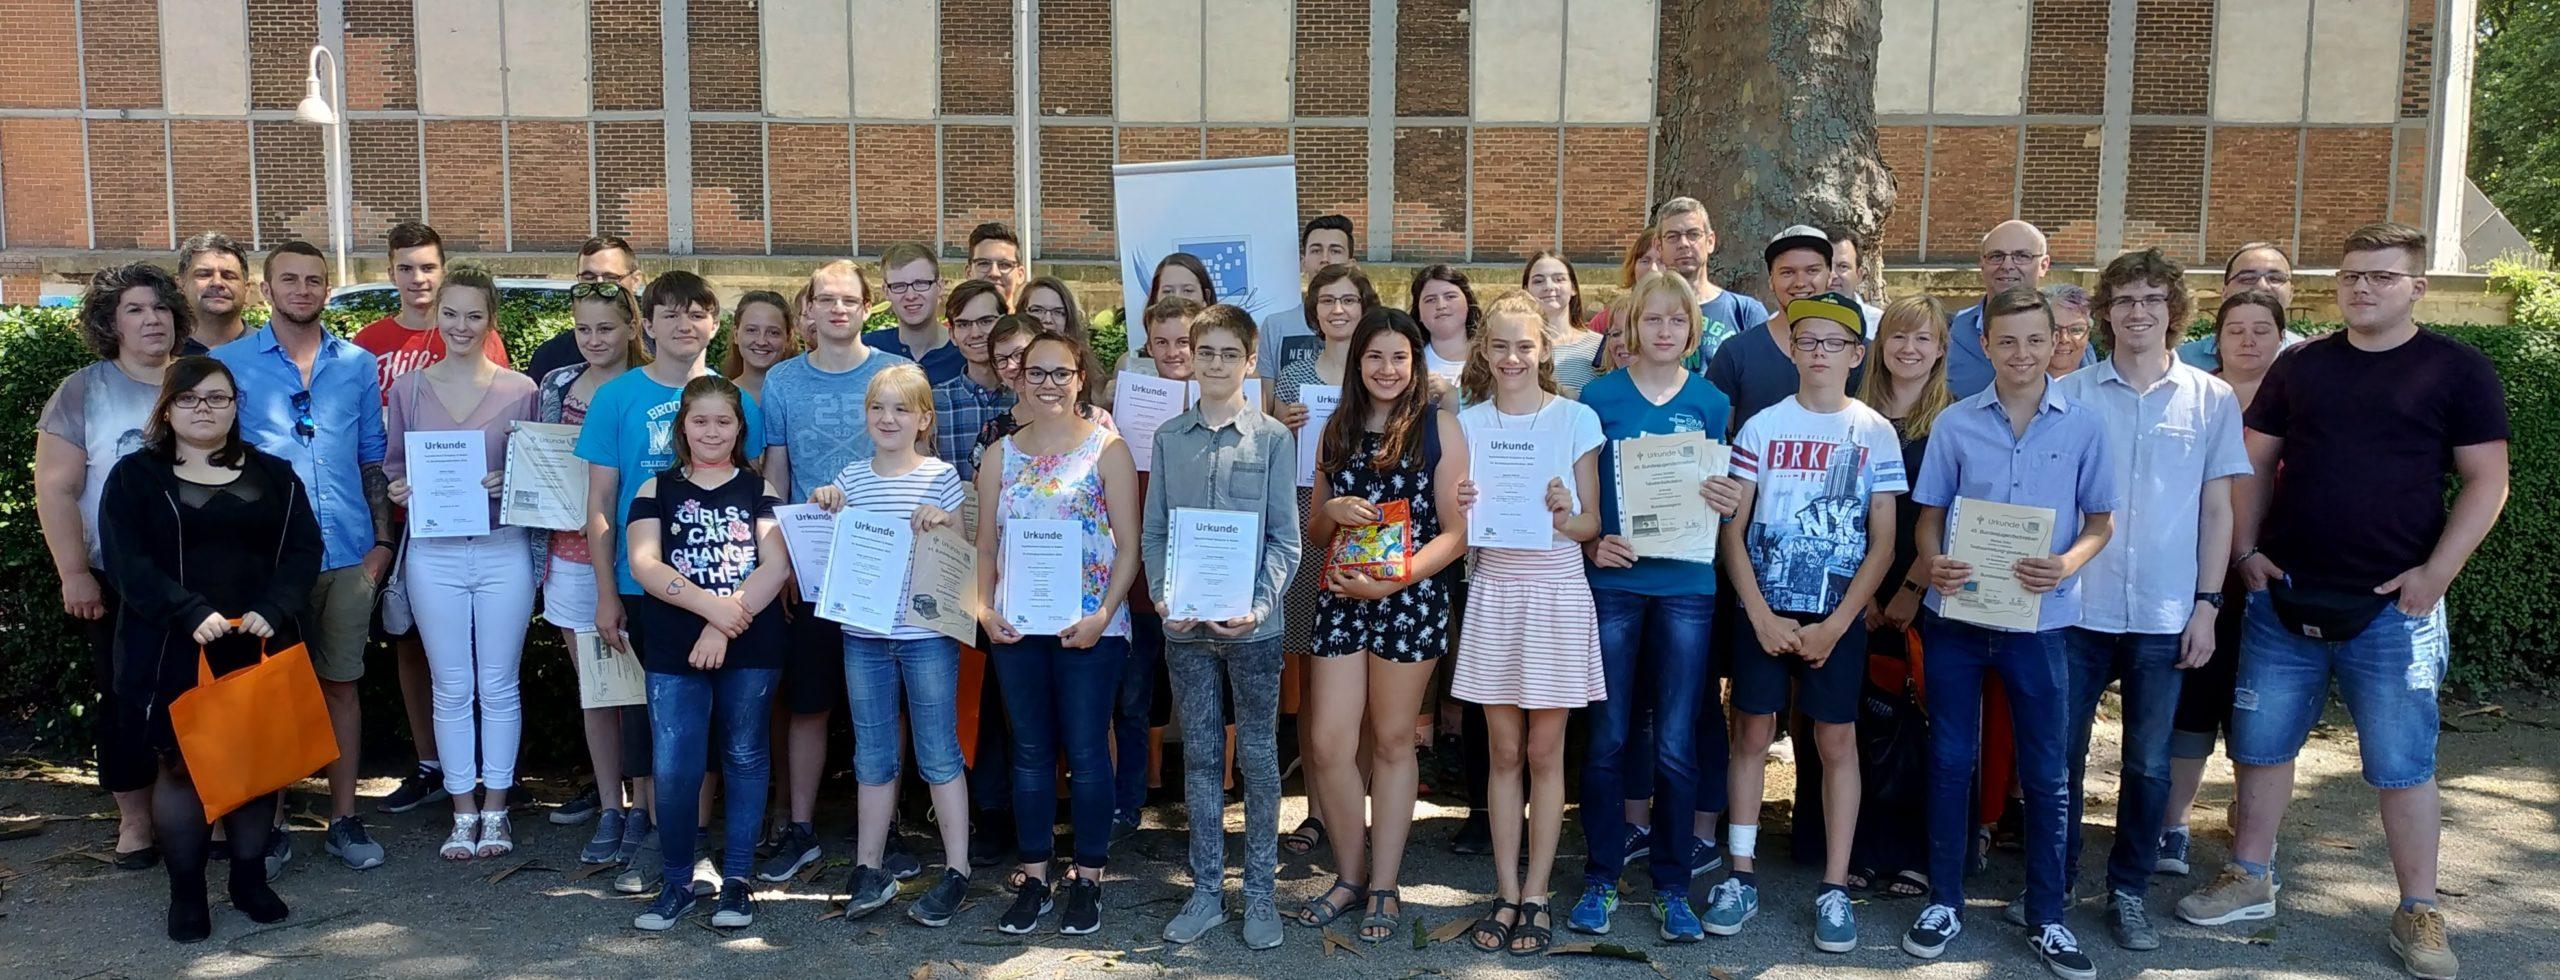 Jugendverband Computer und Medien